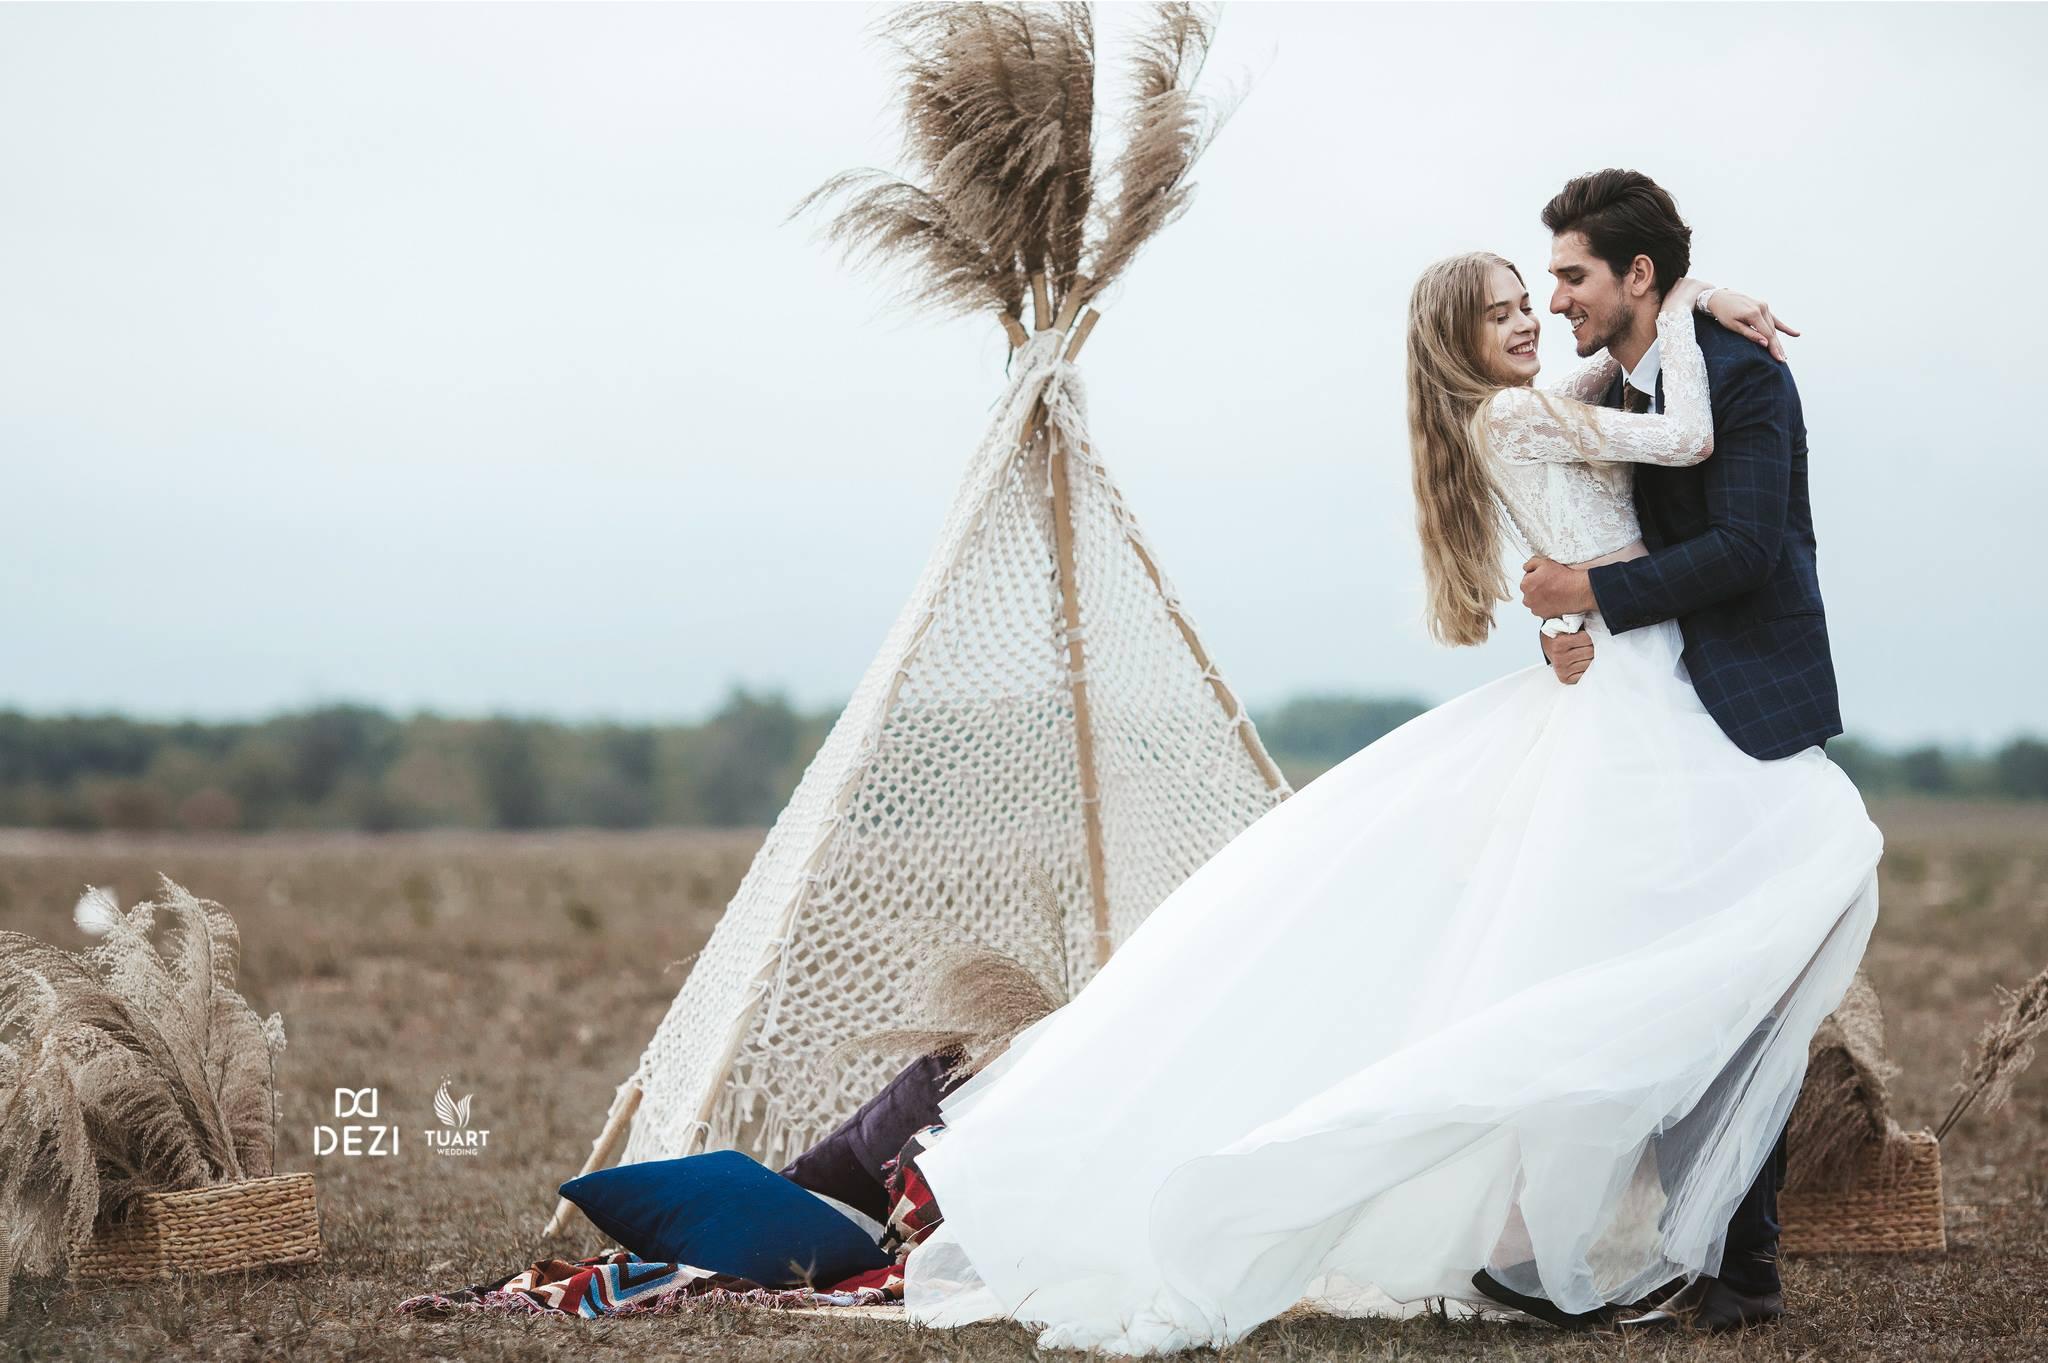 """Album chụp ảnh cưới """"Lạc giữa cánh đồng hoang"""""""